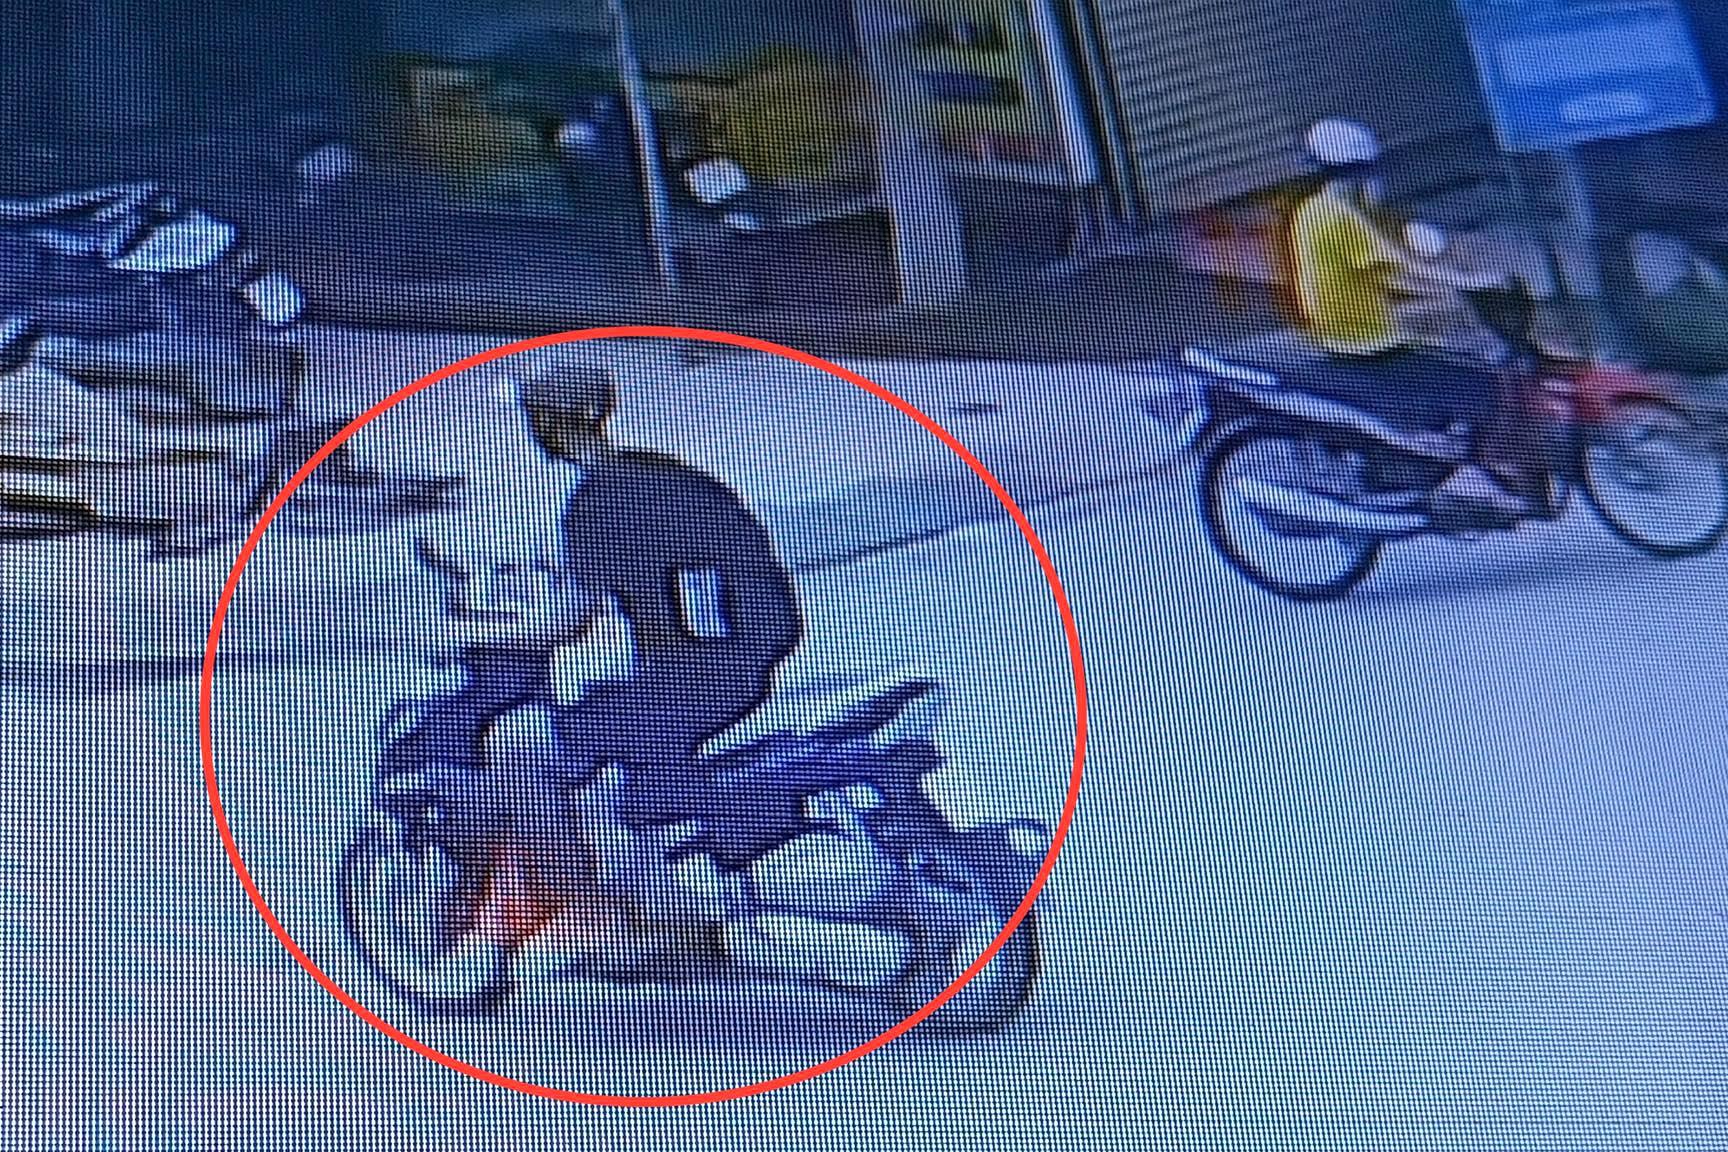 Tài xế GrabBike bị khách thủ dao đâm trọng thương, cướp xe giữa ban ngày - Ảnh 1.